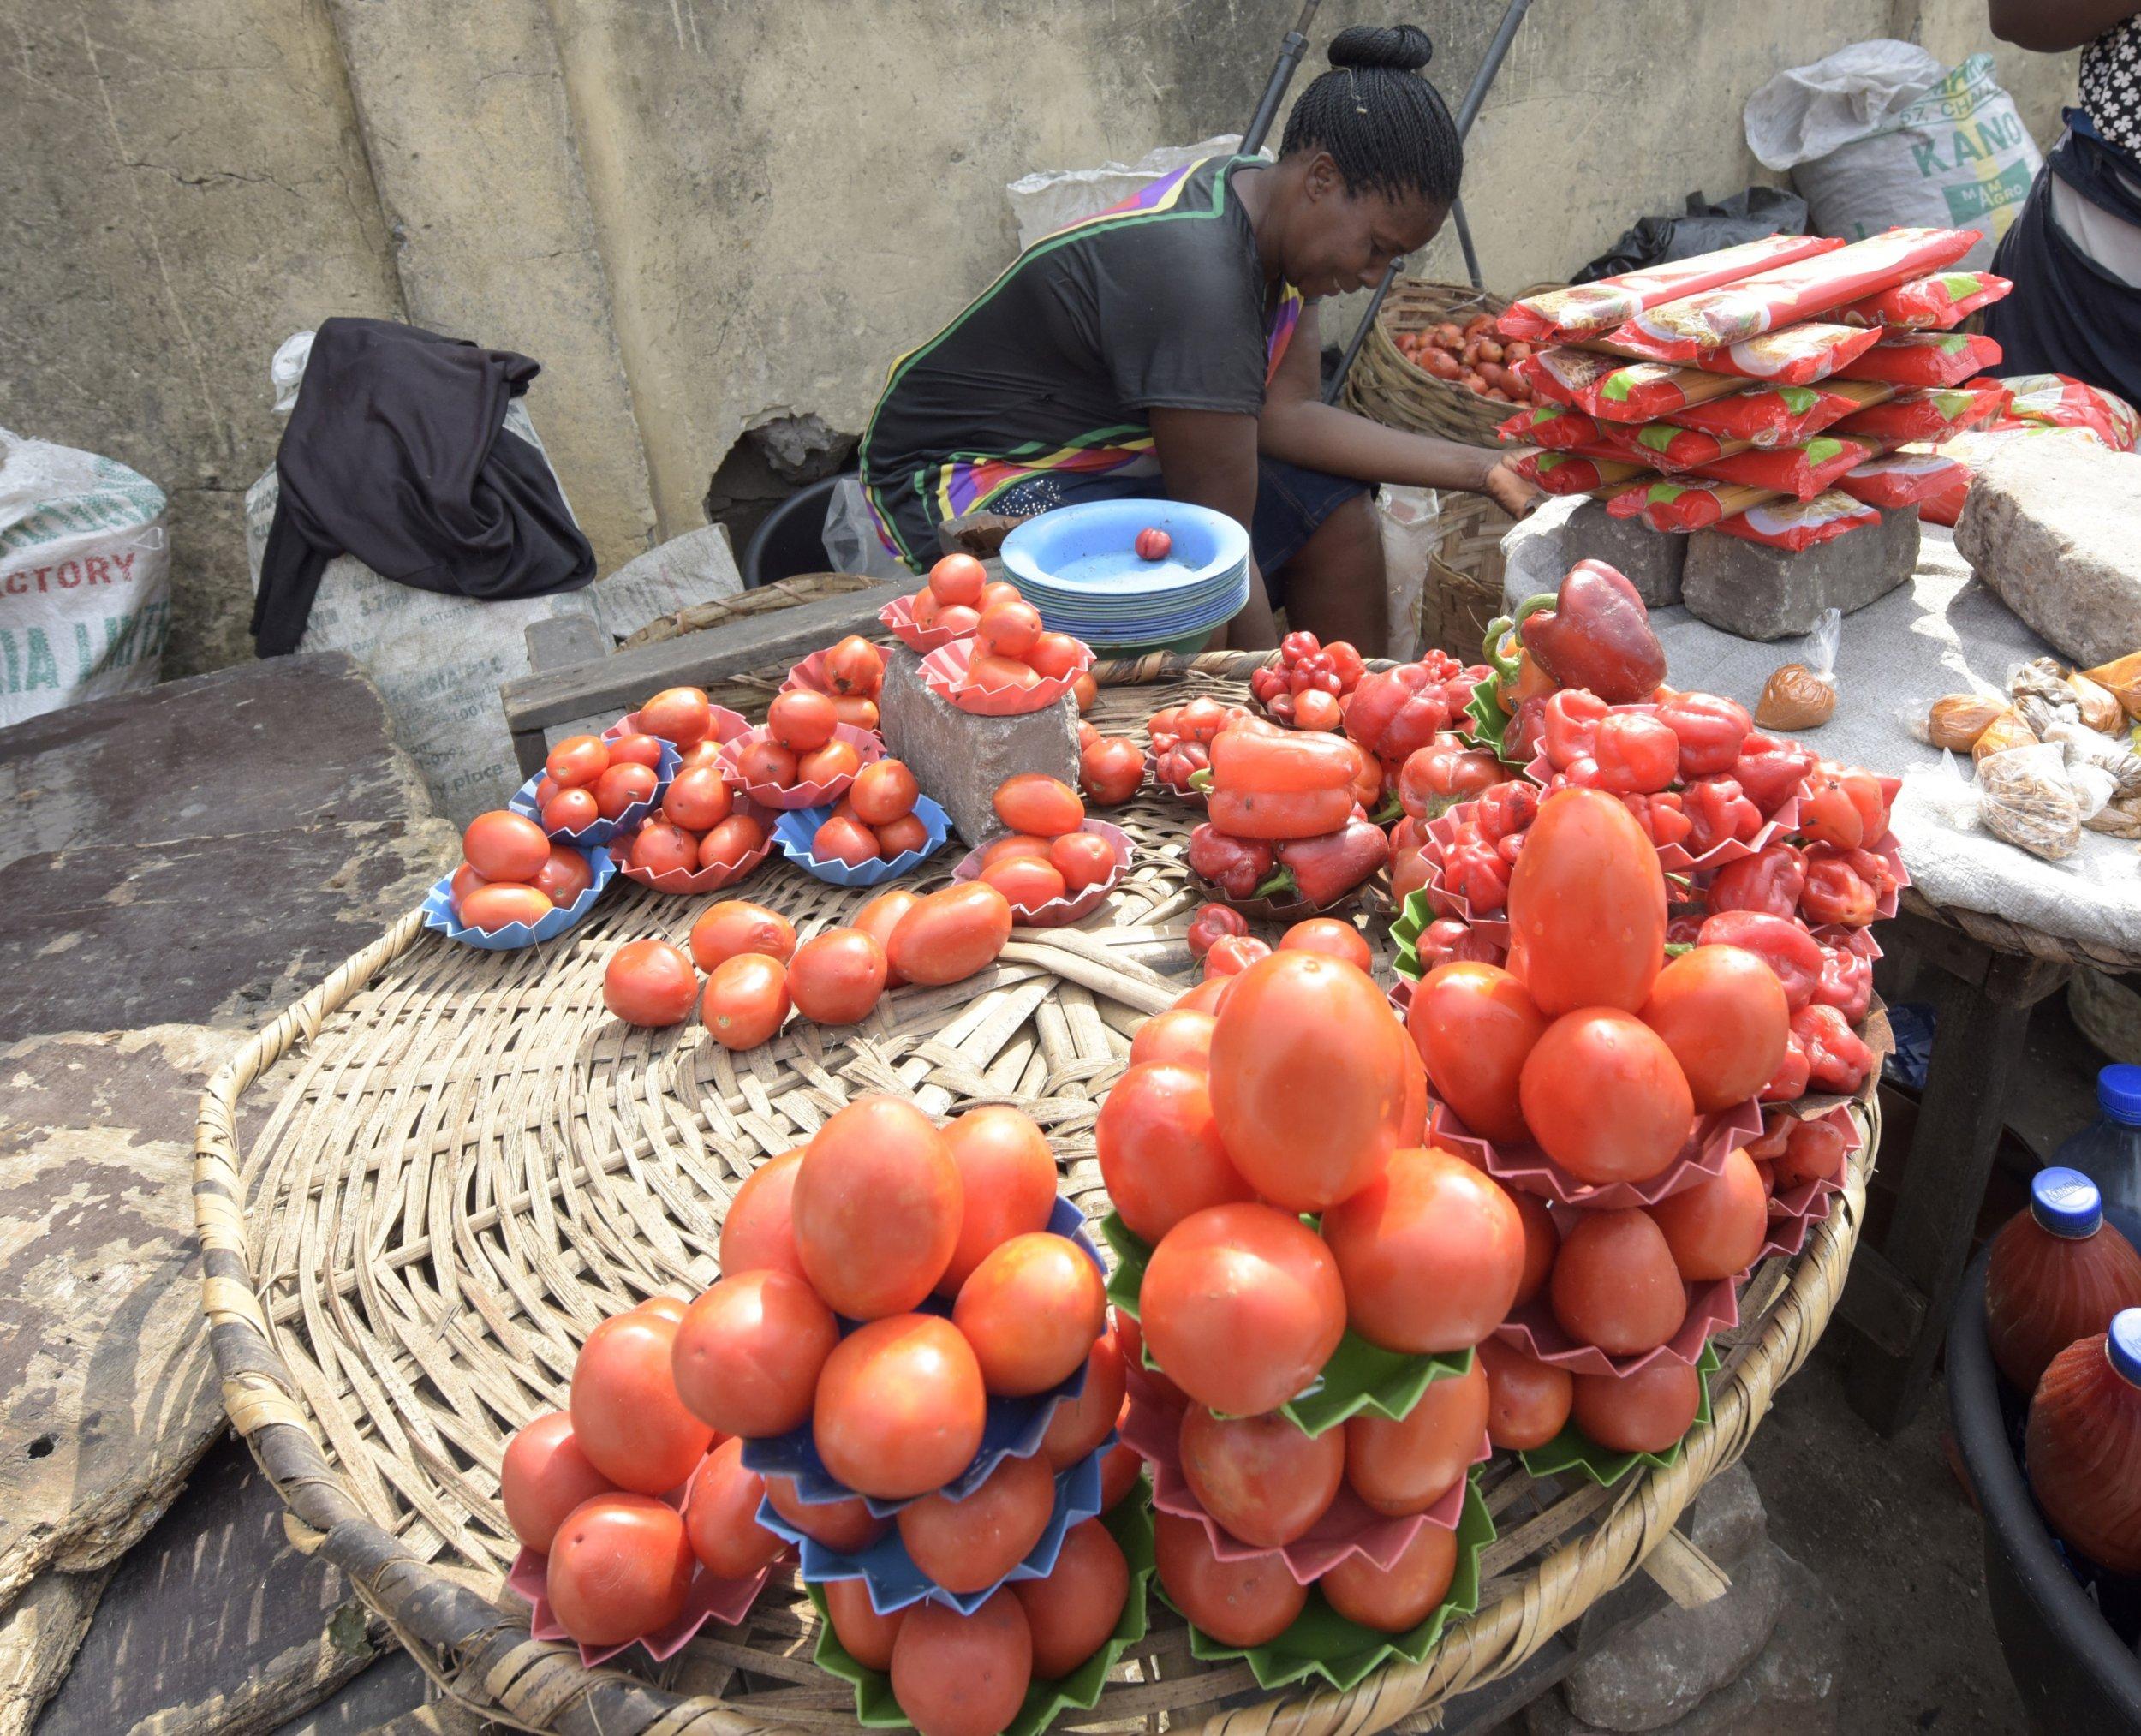 Nigeria tomato vendor.